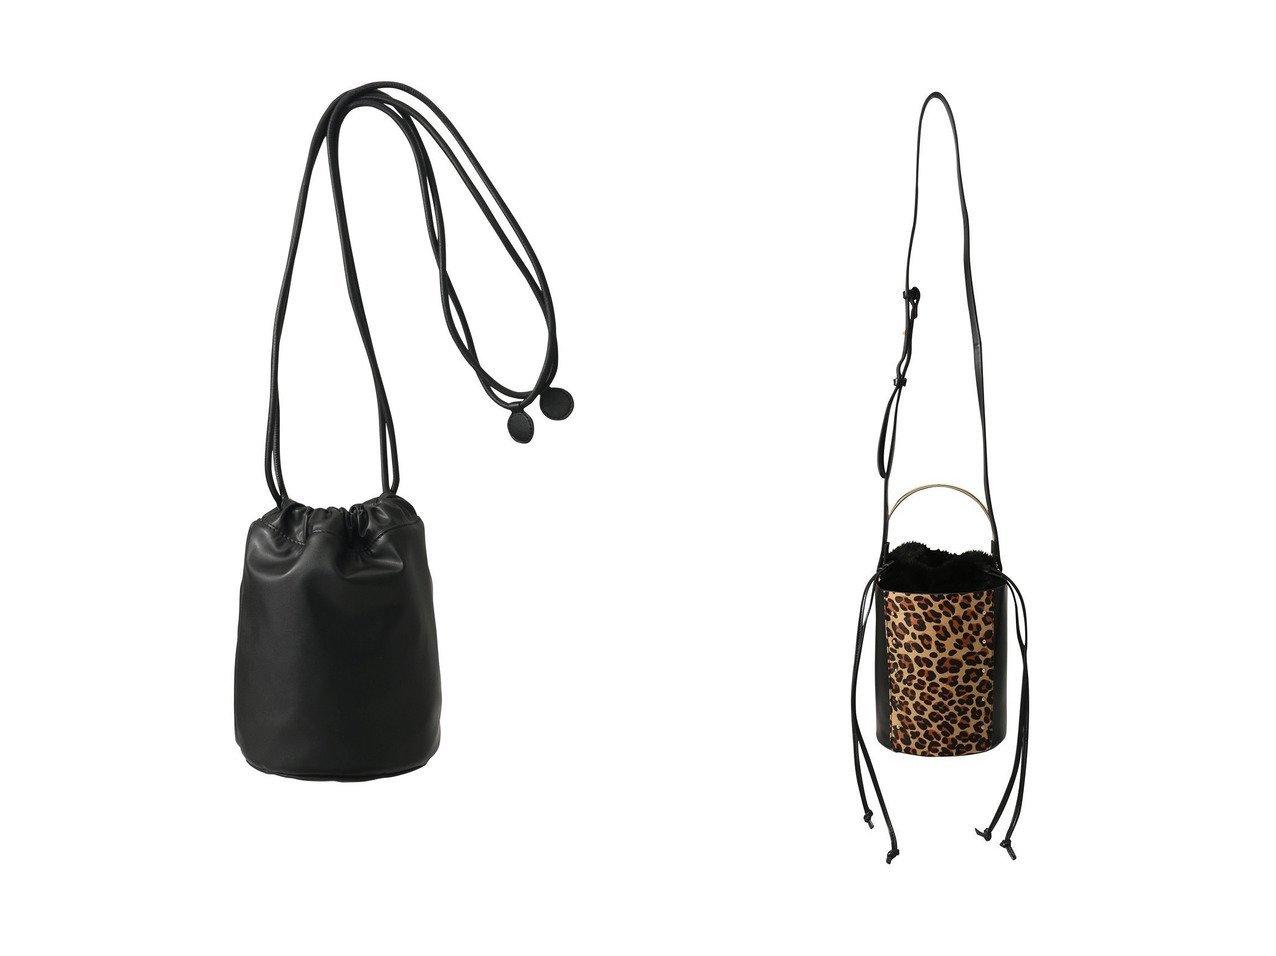 【MM6 Maison Martin Margiela/エムエム6 メゾン マルタン マルジェラ】のシンセティックレザーバケットバッグ&【Ezick/エジック】のスタッズバケツバック バッグのおすすめ!人気、レディースファッションの通販  おすすめで人気のファッション通販商品 インテリア・家具・キッズファッション・メンズファッション・レディースファッション・服の通販 founy(ファニー) https://founy.com/ ファッション Fashion レディース WOMEN バッグ Bag ショルダー シンプル フォルム スタッズ ハンドバッグ バケツ フェイクファー ベーシック レオパード 巾着 |ID:crp329100000000437